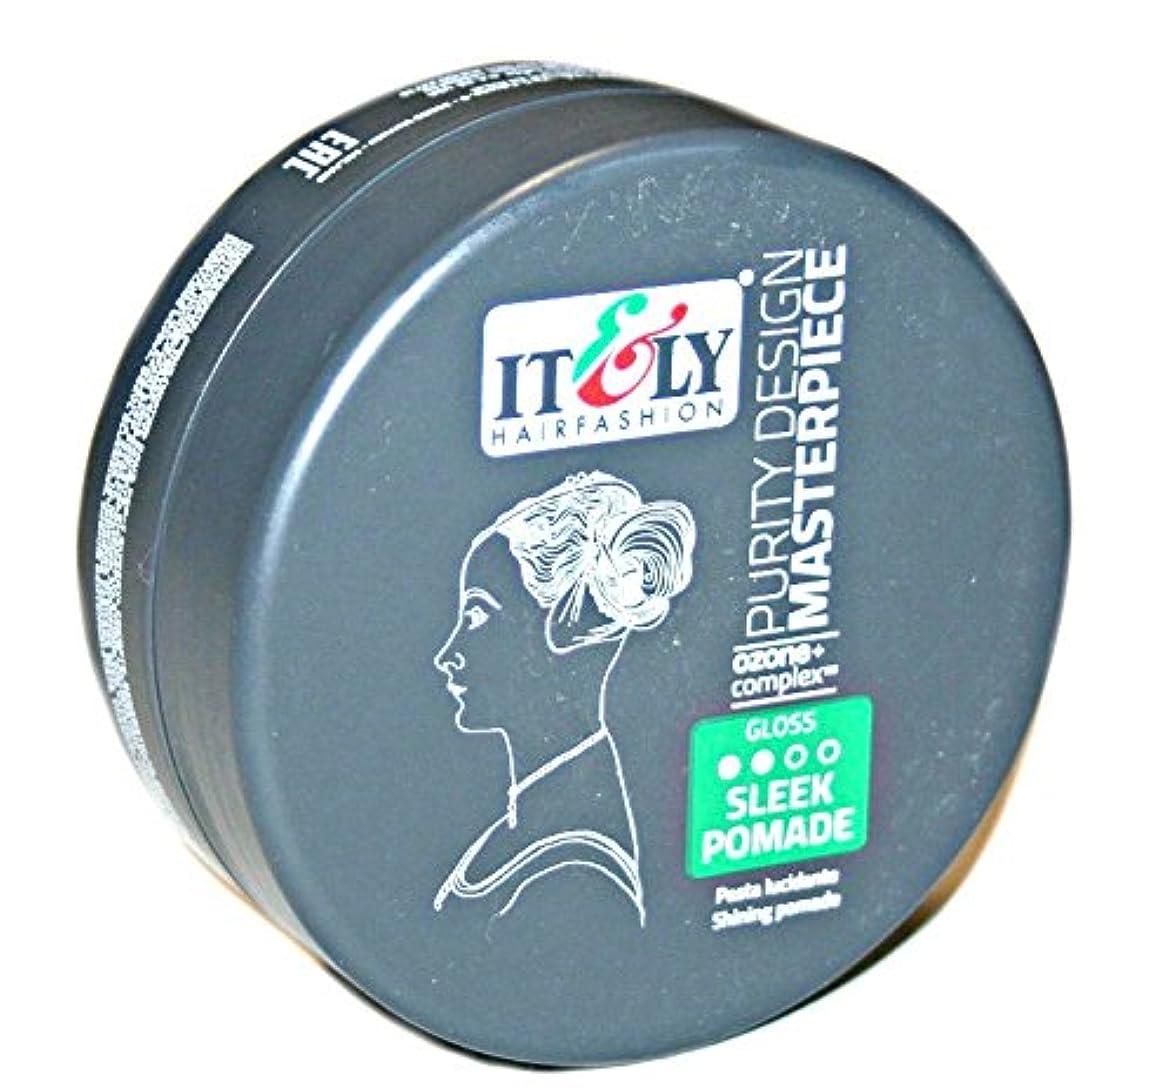 ガジュマルメドレーIT&LY Hair Fashion それ&LYマスターピースなめらかシャイニングポマード、3.38液量オンス